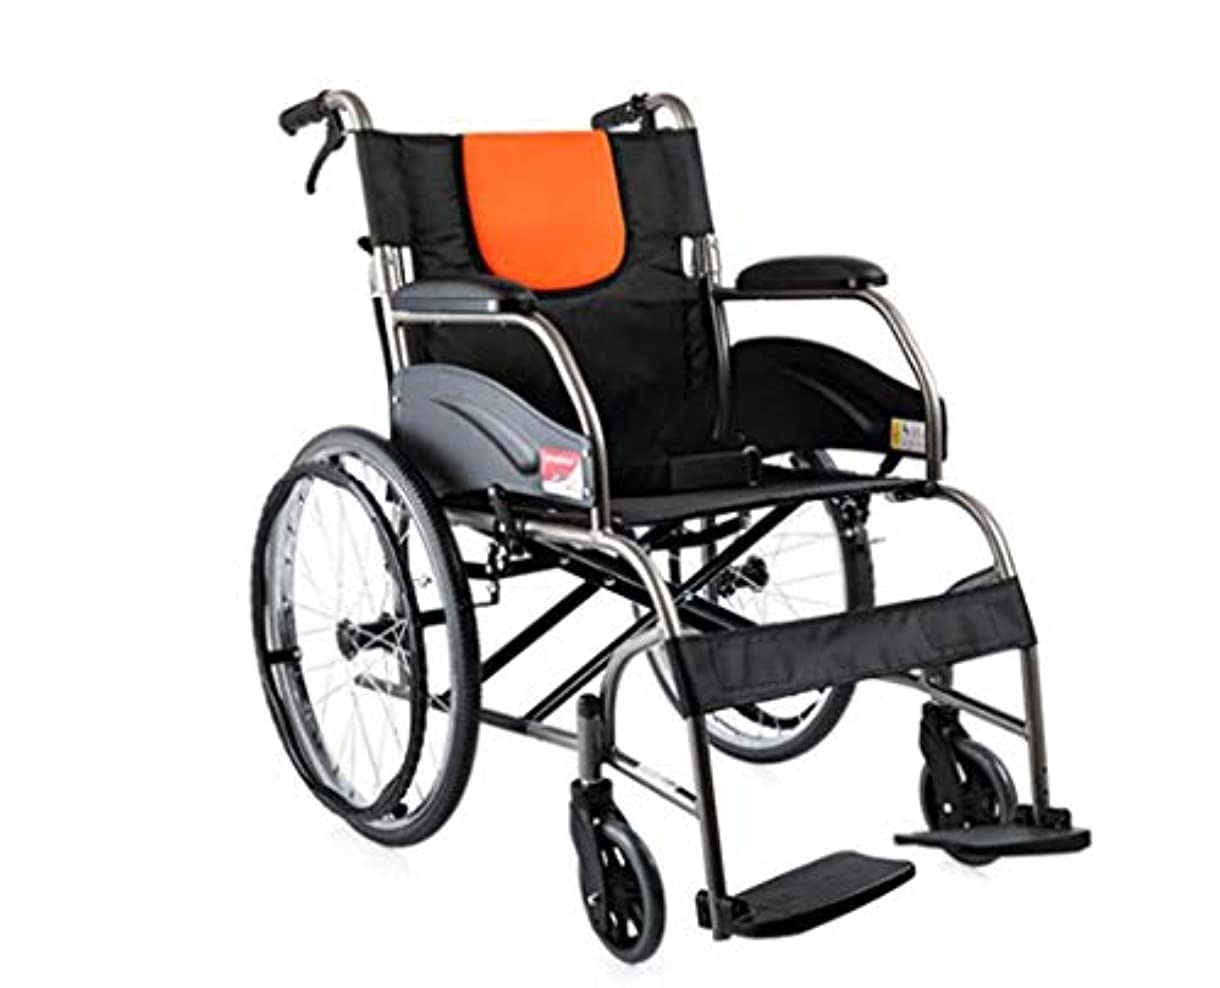 状態誇りに思う達成可能手動車椅子アルミ合金無効旅行車椅子ペダルの高さ3速度調節可能な折りたたみ車椅子